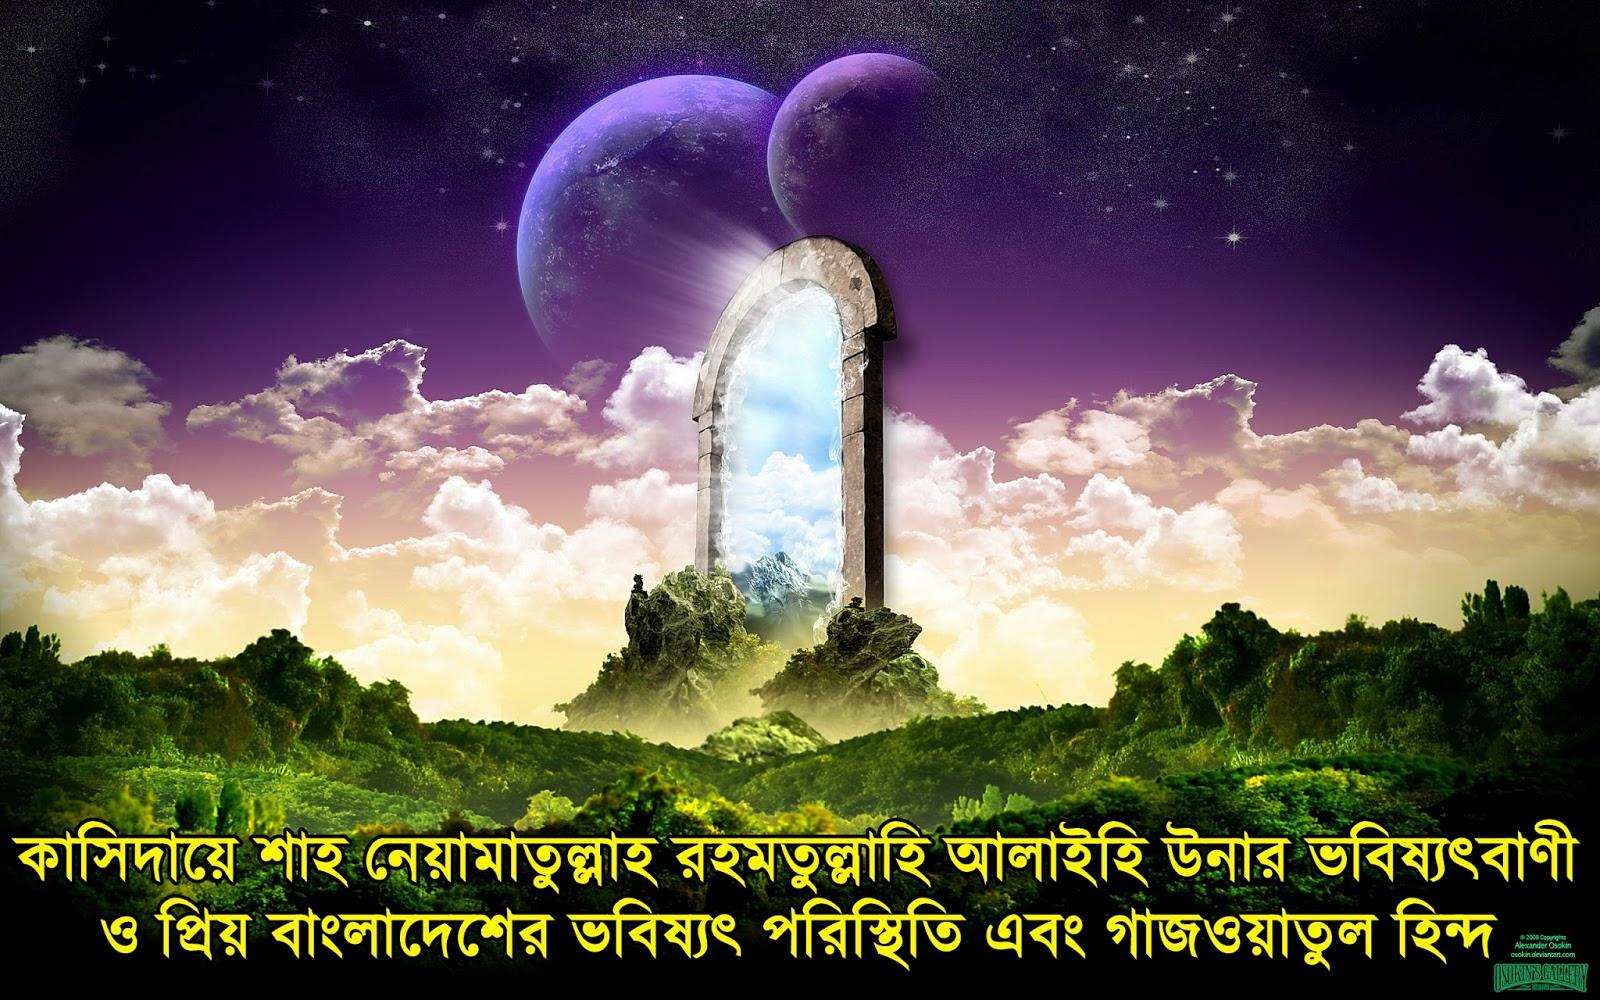 কাসিদায়ে শাহ নেয়ামতুল্লাহ pdf